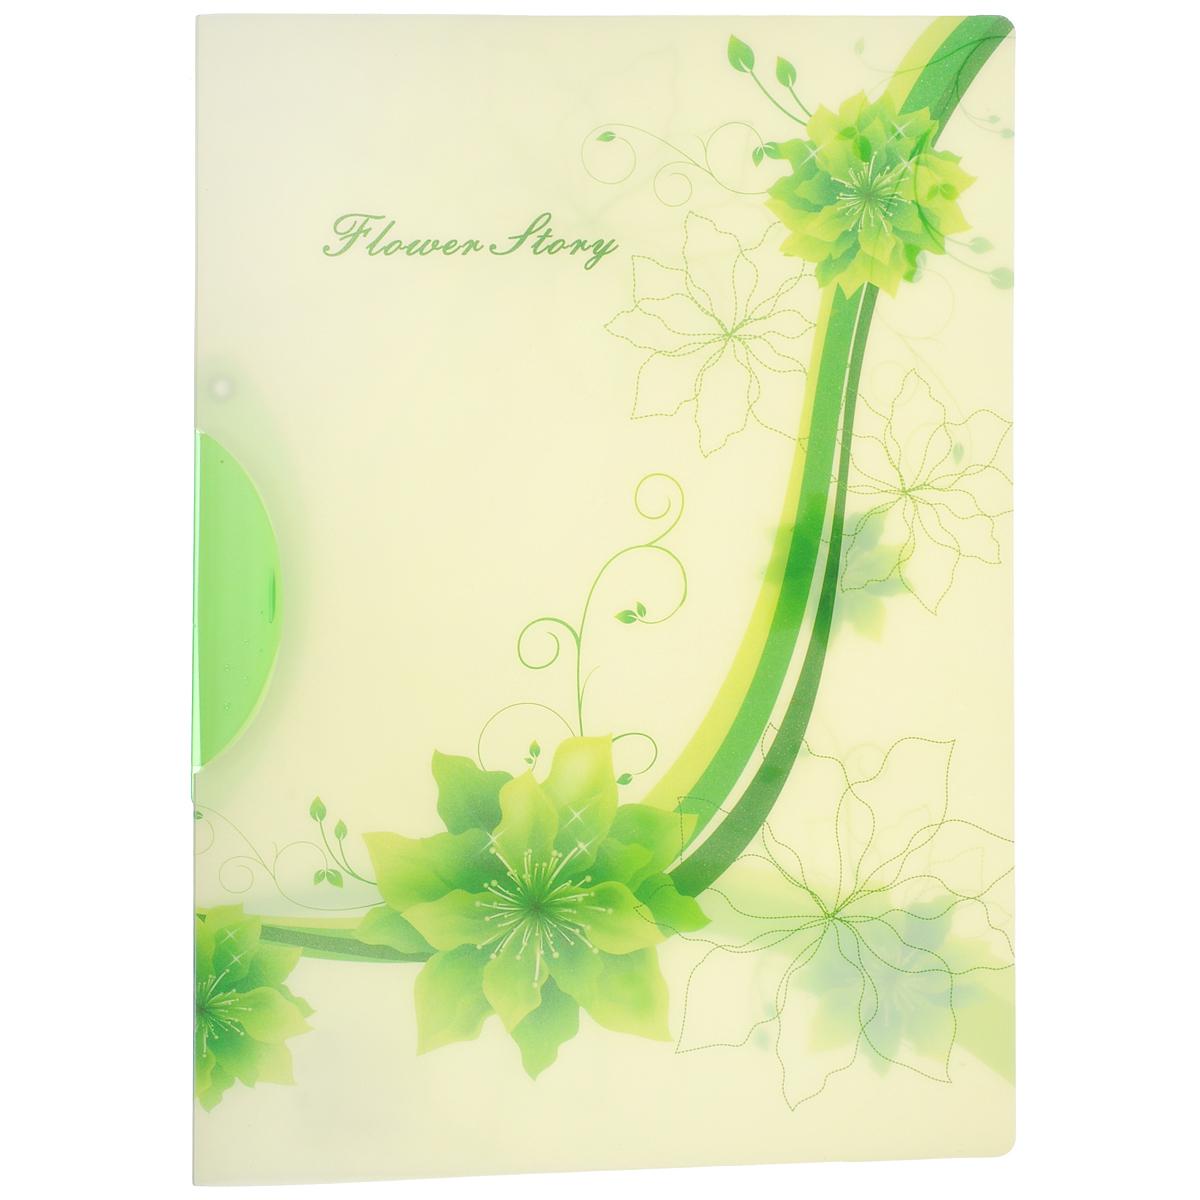 Папка с клипом Centrum Flower Story, цвет: зеленый. Формат А4K13521Папка с клипом Centrum Flower Story станет вашим верным помощником дома и в офисе. Это удобный и функциональный инструмент, предназначенный для хранения и транспортировки рабочих бумаг и документов формата А4. Папка изготовлена из прочного высококачественного пластика, оснащена боковым поворотным клипом, позволяющим фиксировать неперфорированные листы. Уголки имеют закругленную форму, что предотвращает их загибание и помогает надолго сохранить опрятный вид обложки. Папка оформлена оригинальным изображением цветов.Папка - это незаменимый атрибут для любого студента, школьника или офисного работника. Такая папка надежно сохранит ваши бумаги и сбережет их от повреждений, пыли и влаги.